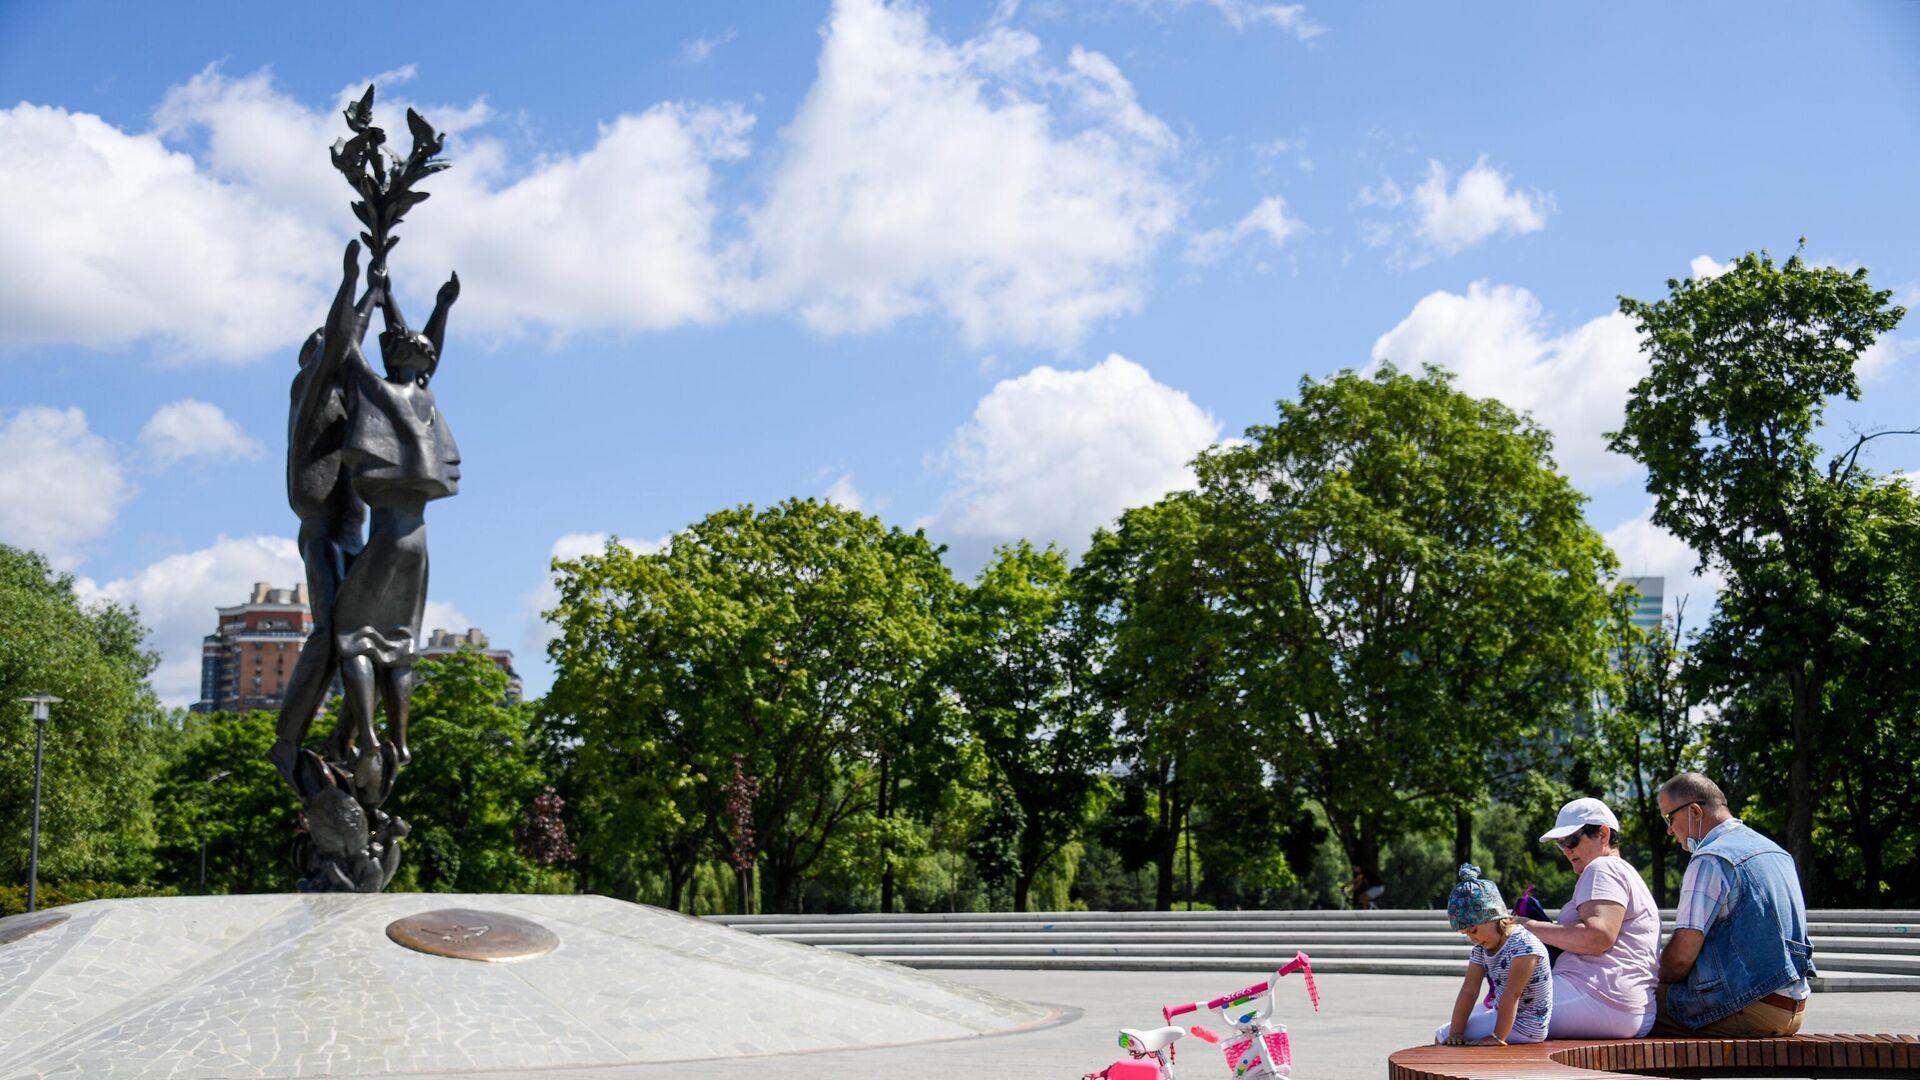 Благоустройство парка Дружбы - РИА Новости, 1920, 08.07.2020